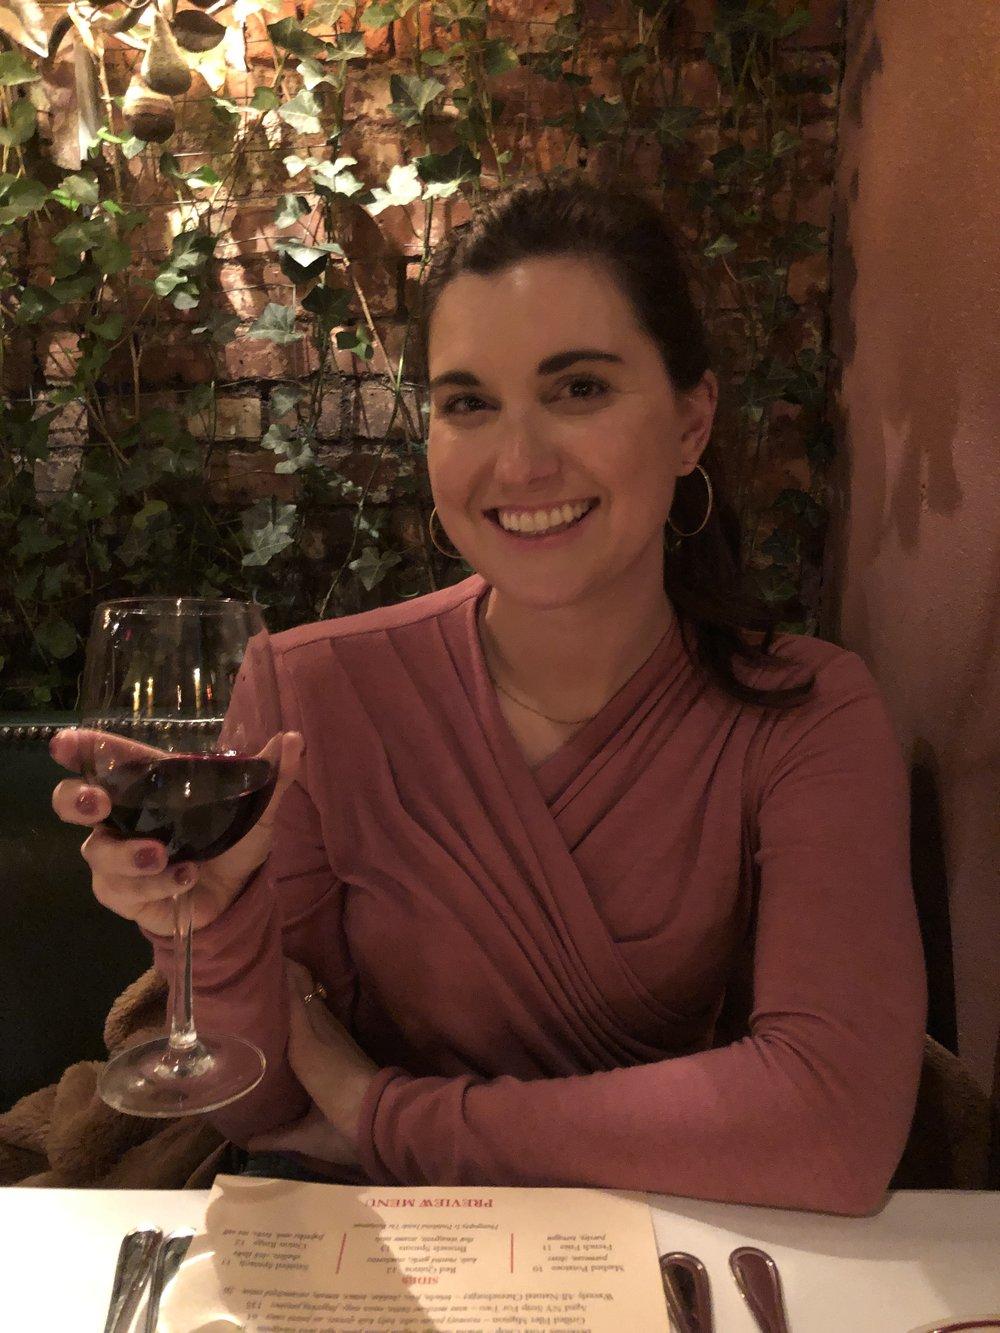 Romantic Dinner at The Waverly Inn